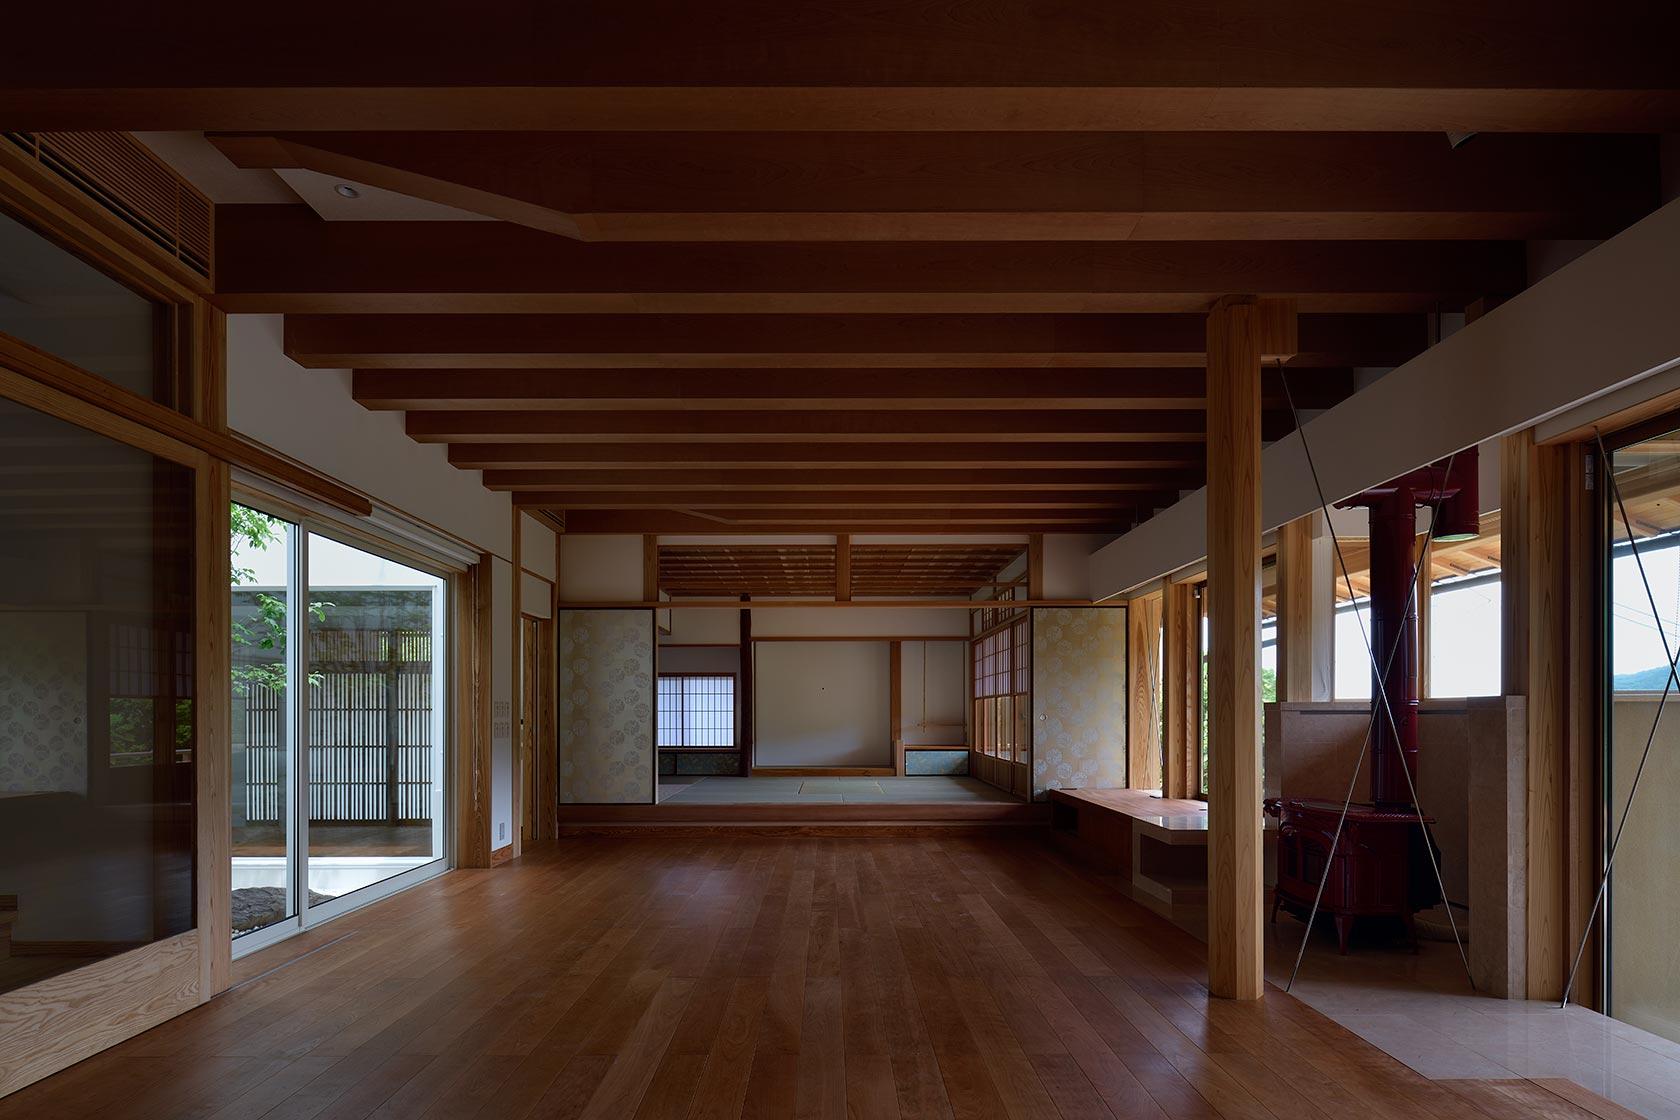 神奈川K邸17-キッチンからダイニング リビング 和室を見る